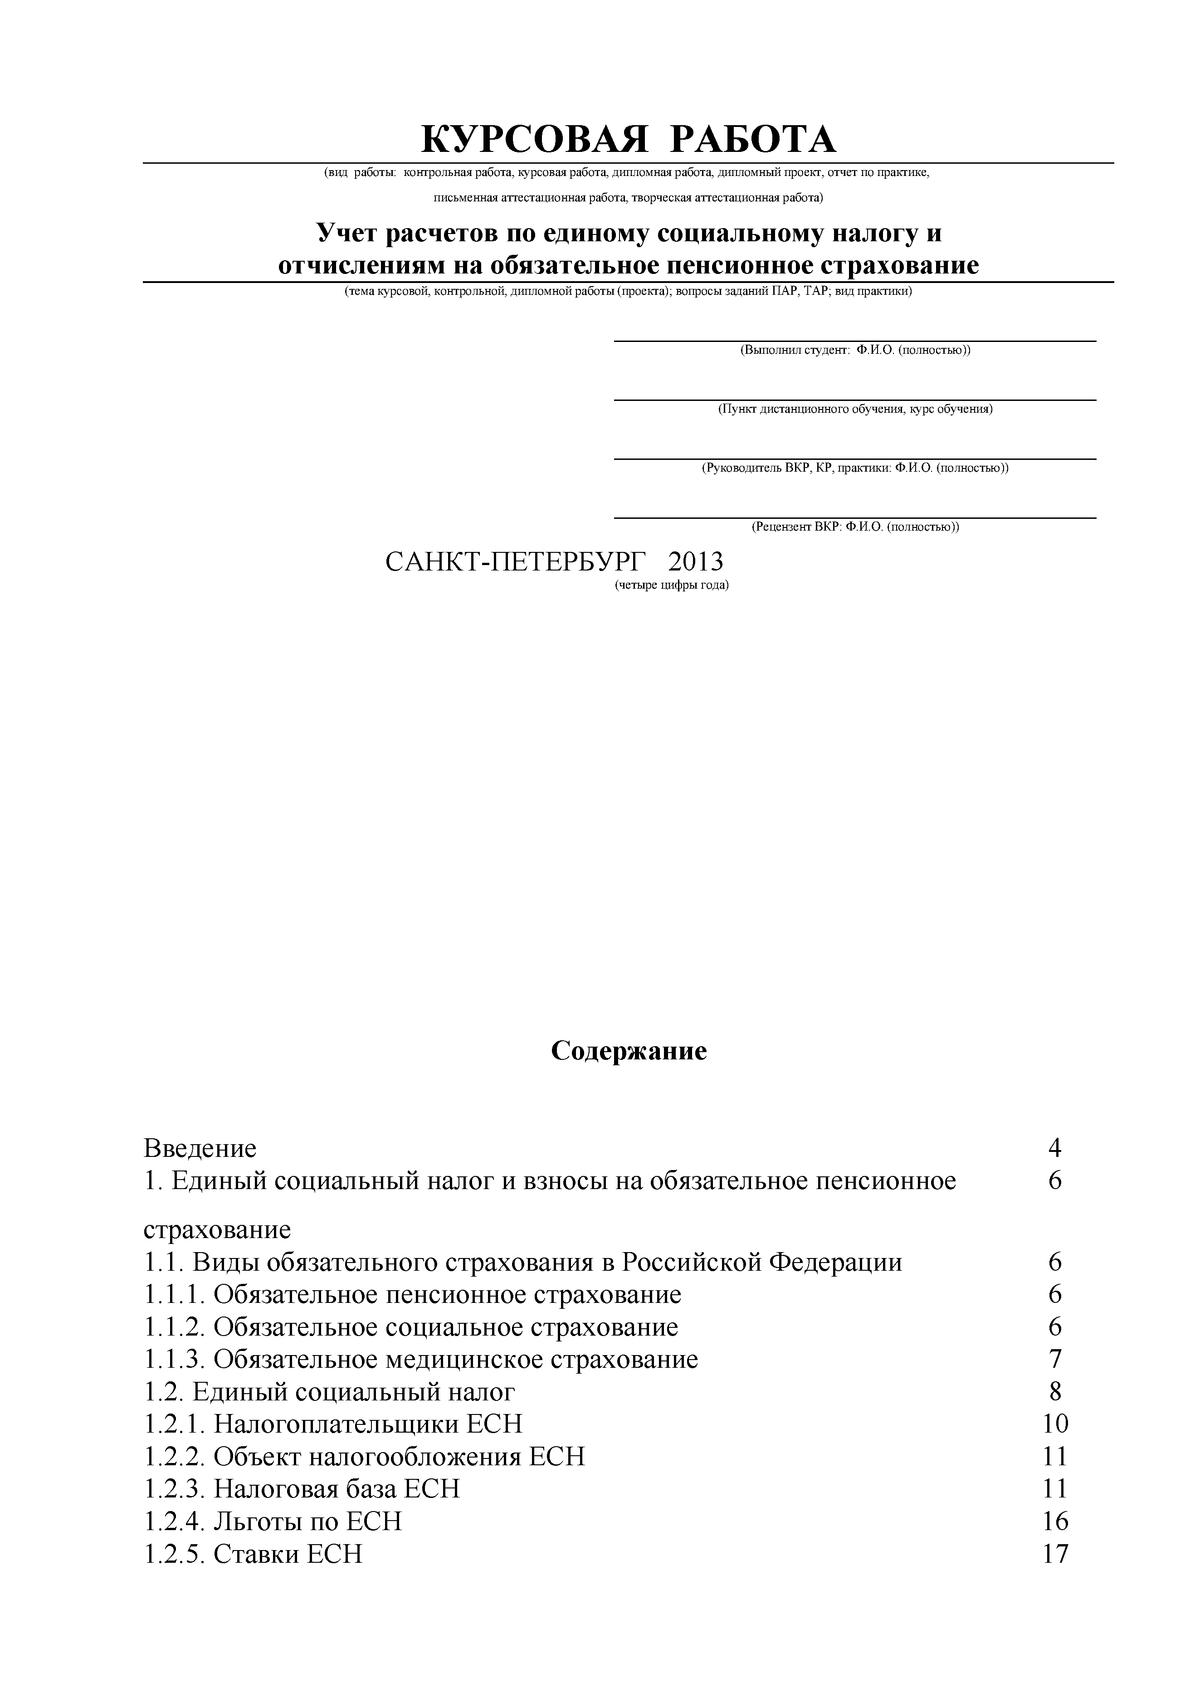 правовое регулирование обязательного пенсионного страхования курсовая